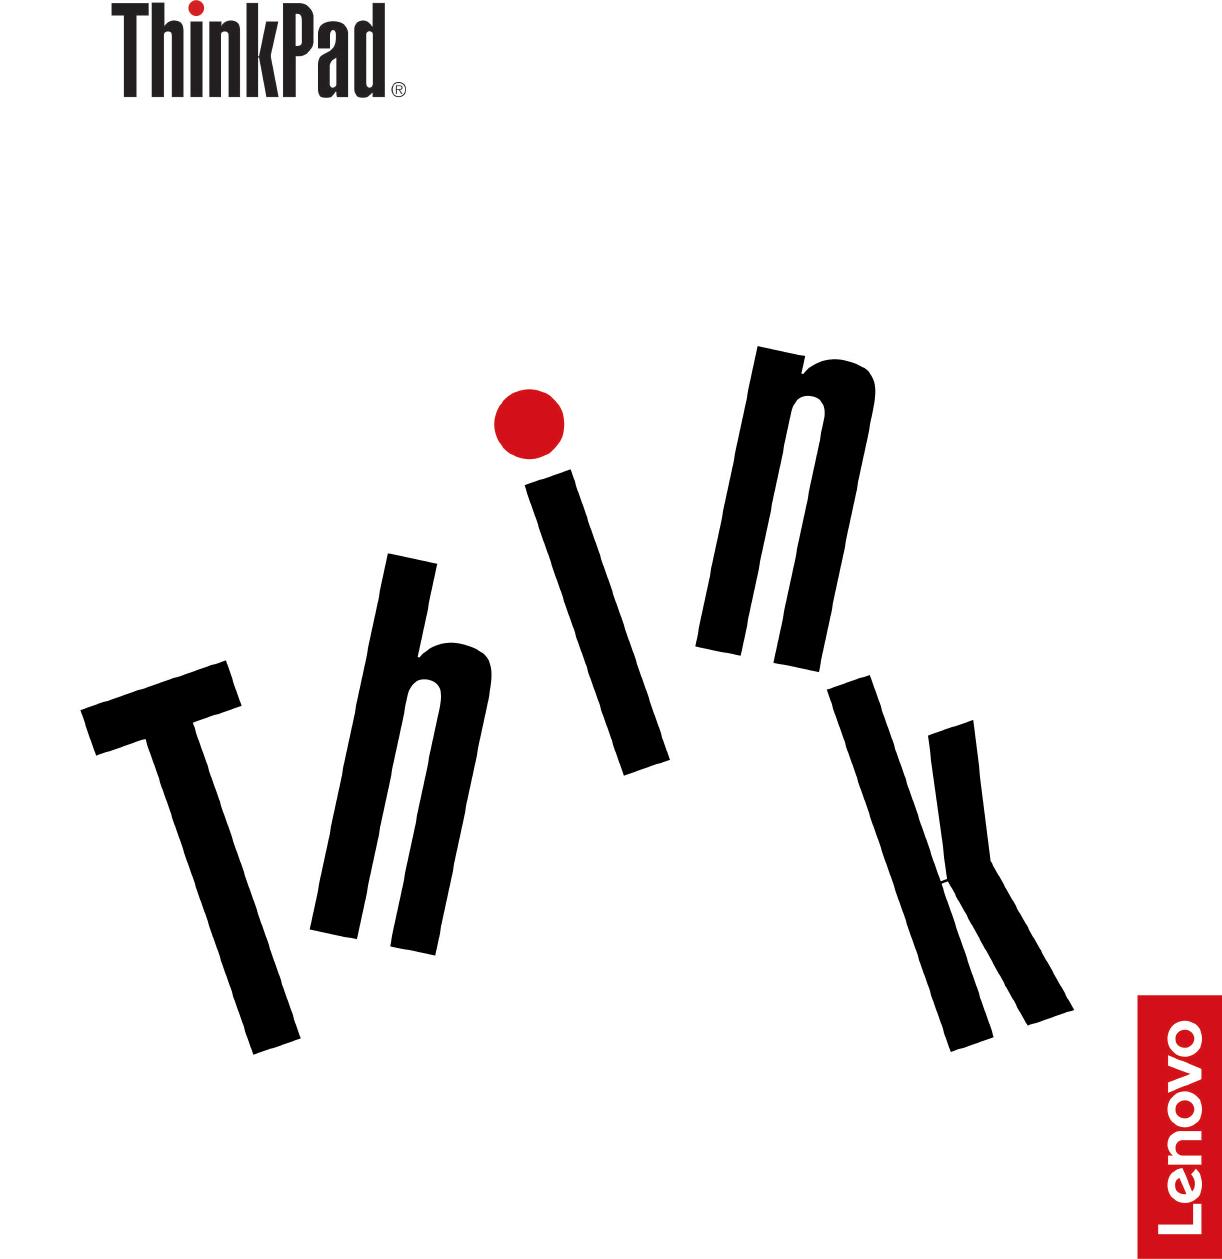 Lenovo Användarhandbok För A485 (Swedish) User Guide Think